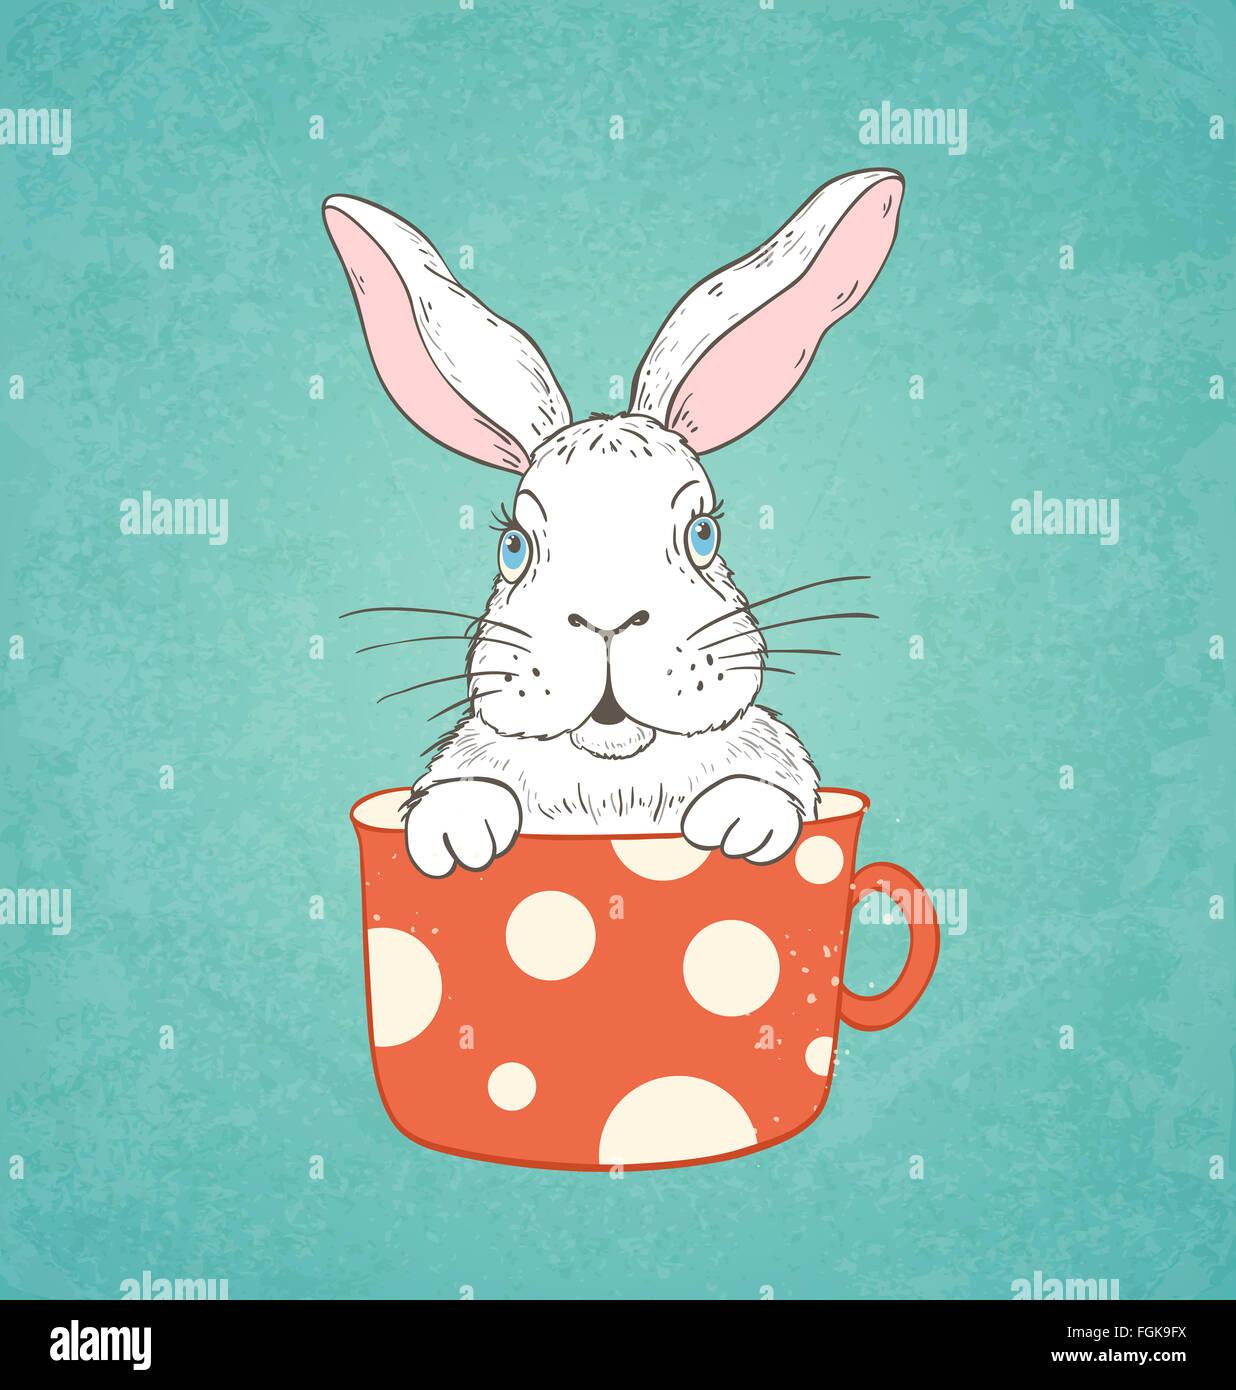 Disegnata a mano Easter Card con coniglio bianco in un bicchiere di rosso Immagini Stock